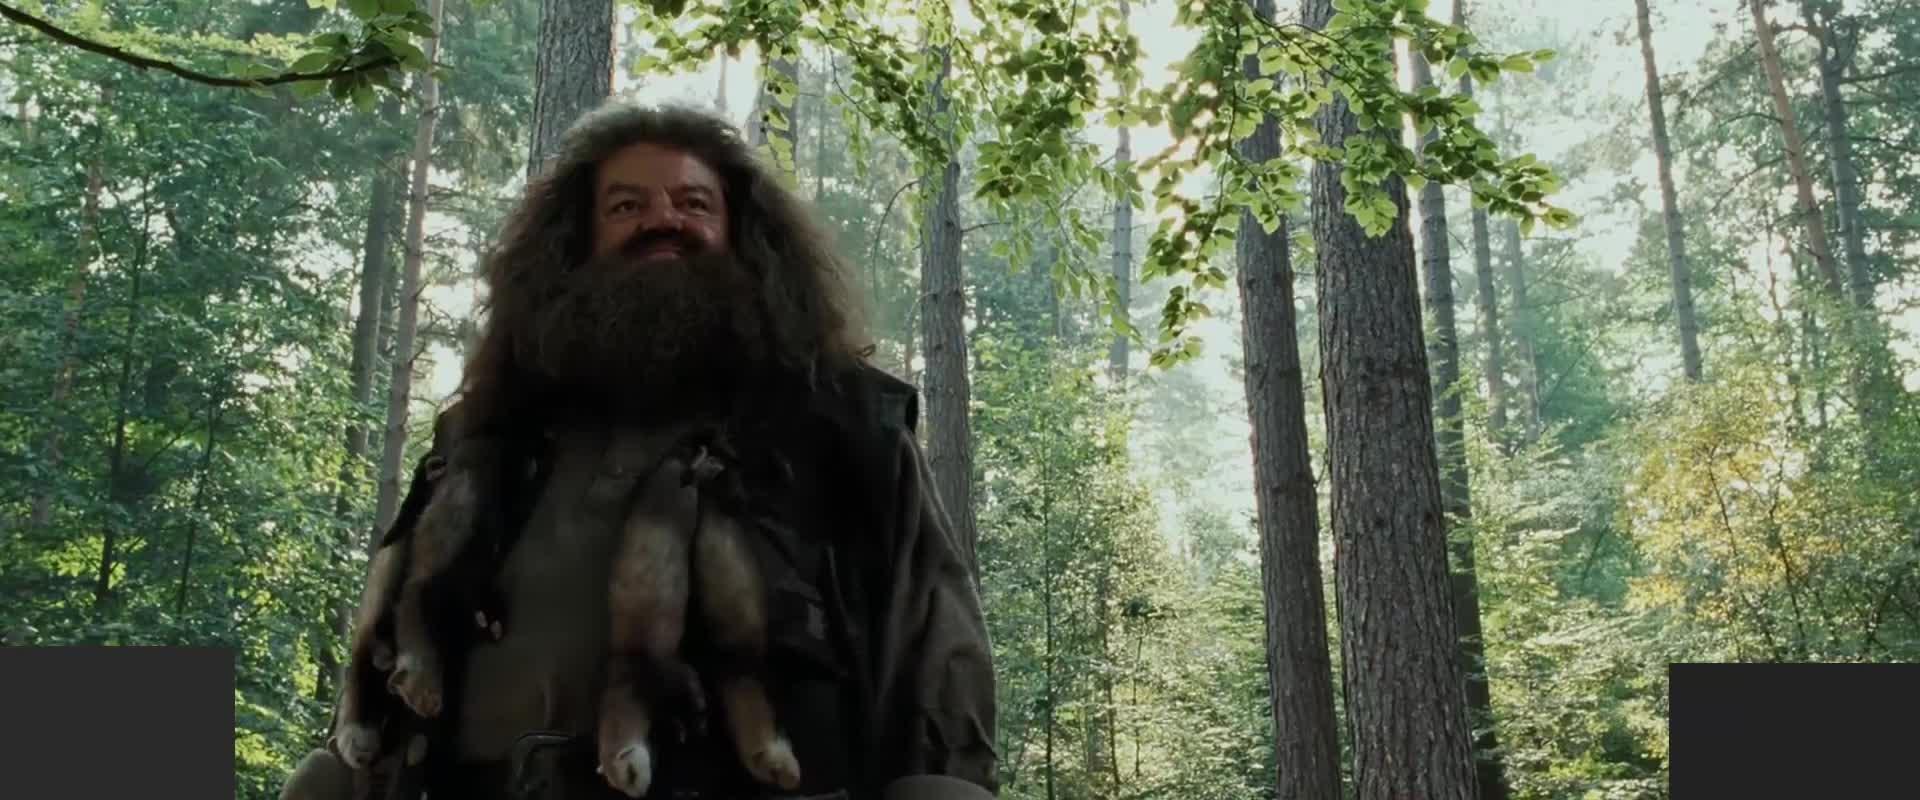 究竟谁是摄魂怪,哈利能战胜怪兽吗